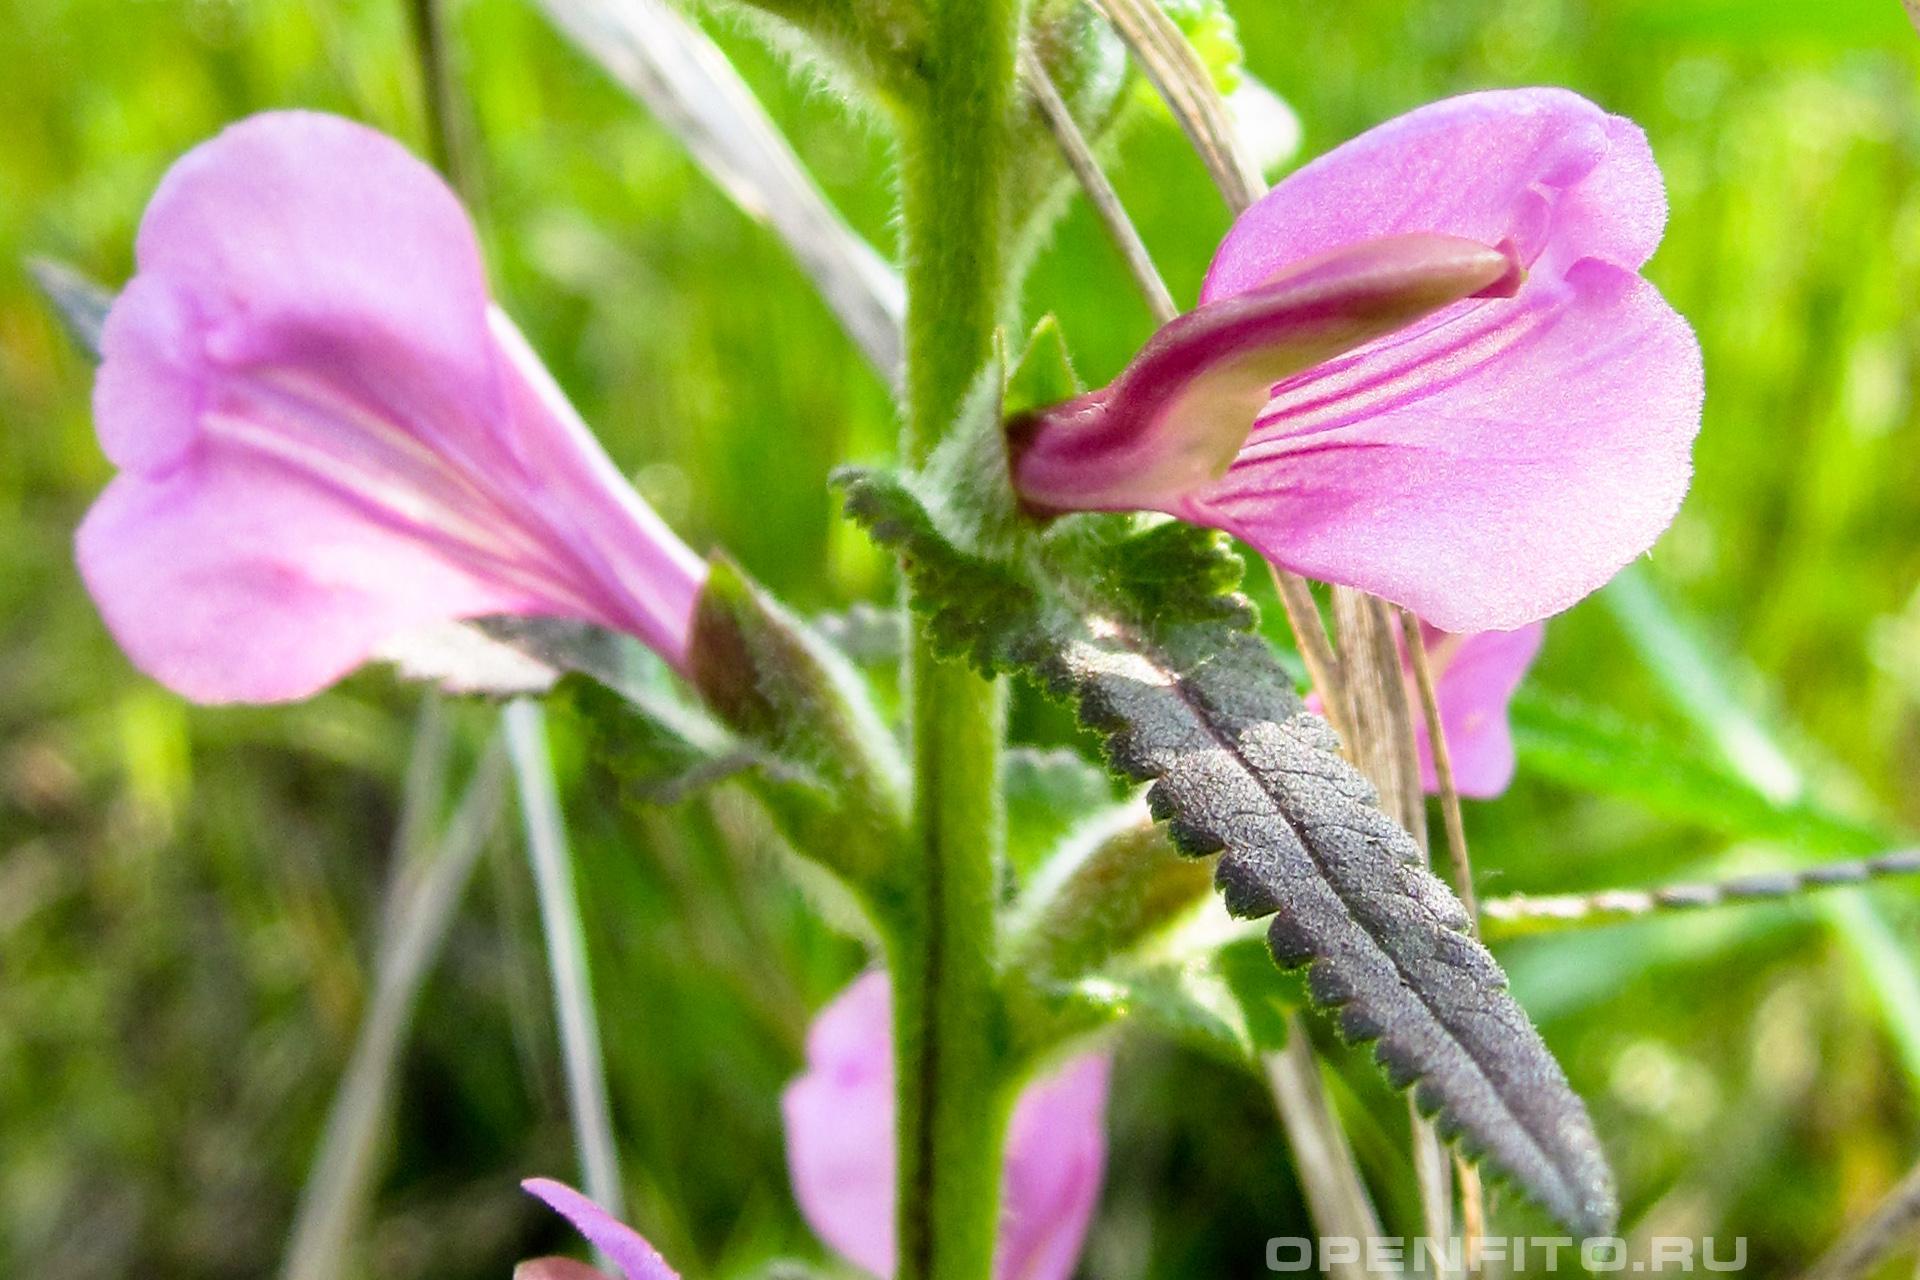 Мытник перевёрнутый ядовитое и лекарственное растение